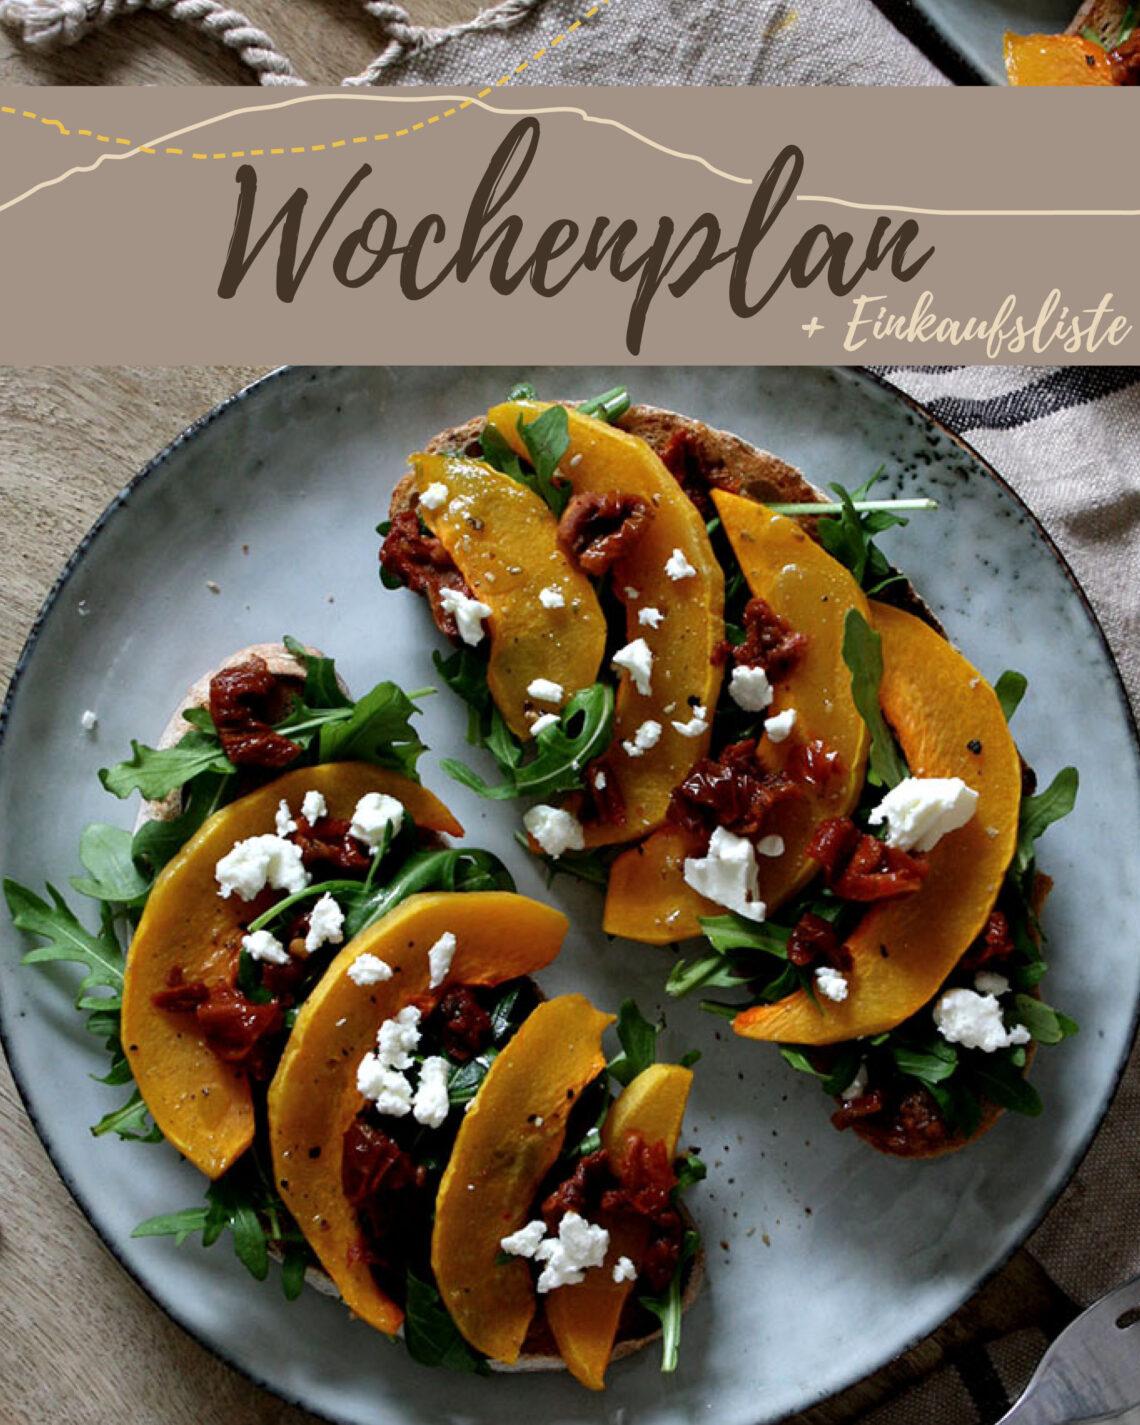 Wochenplan KW 46 | Bunte Herbstküche mit Äpfeln, Kürbis & Co.